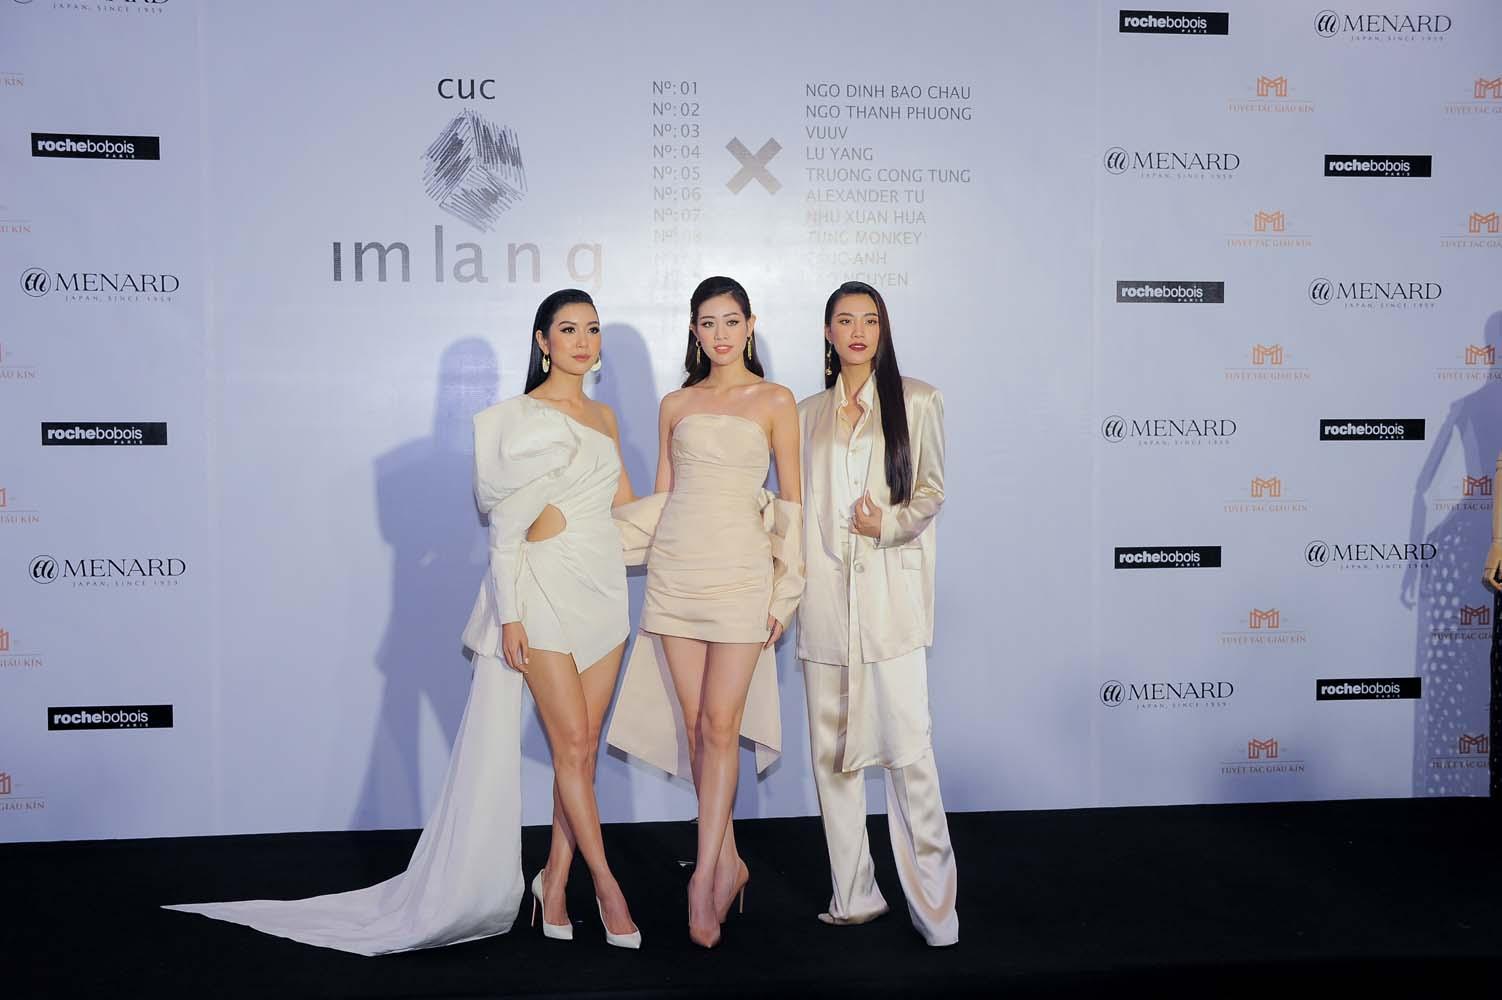 Top 3 Hoa hậu hoàn vũ 2019 dự triển lãm cục im lặng của nguyễn công trí